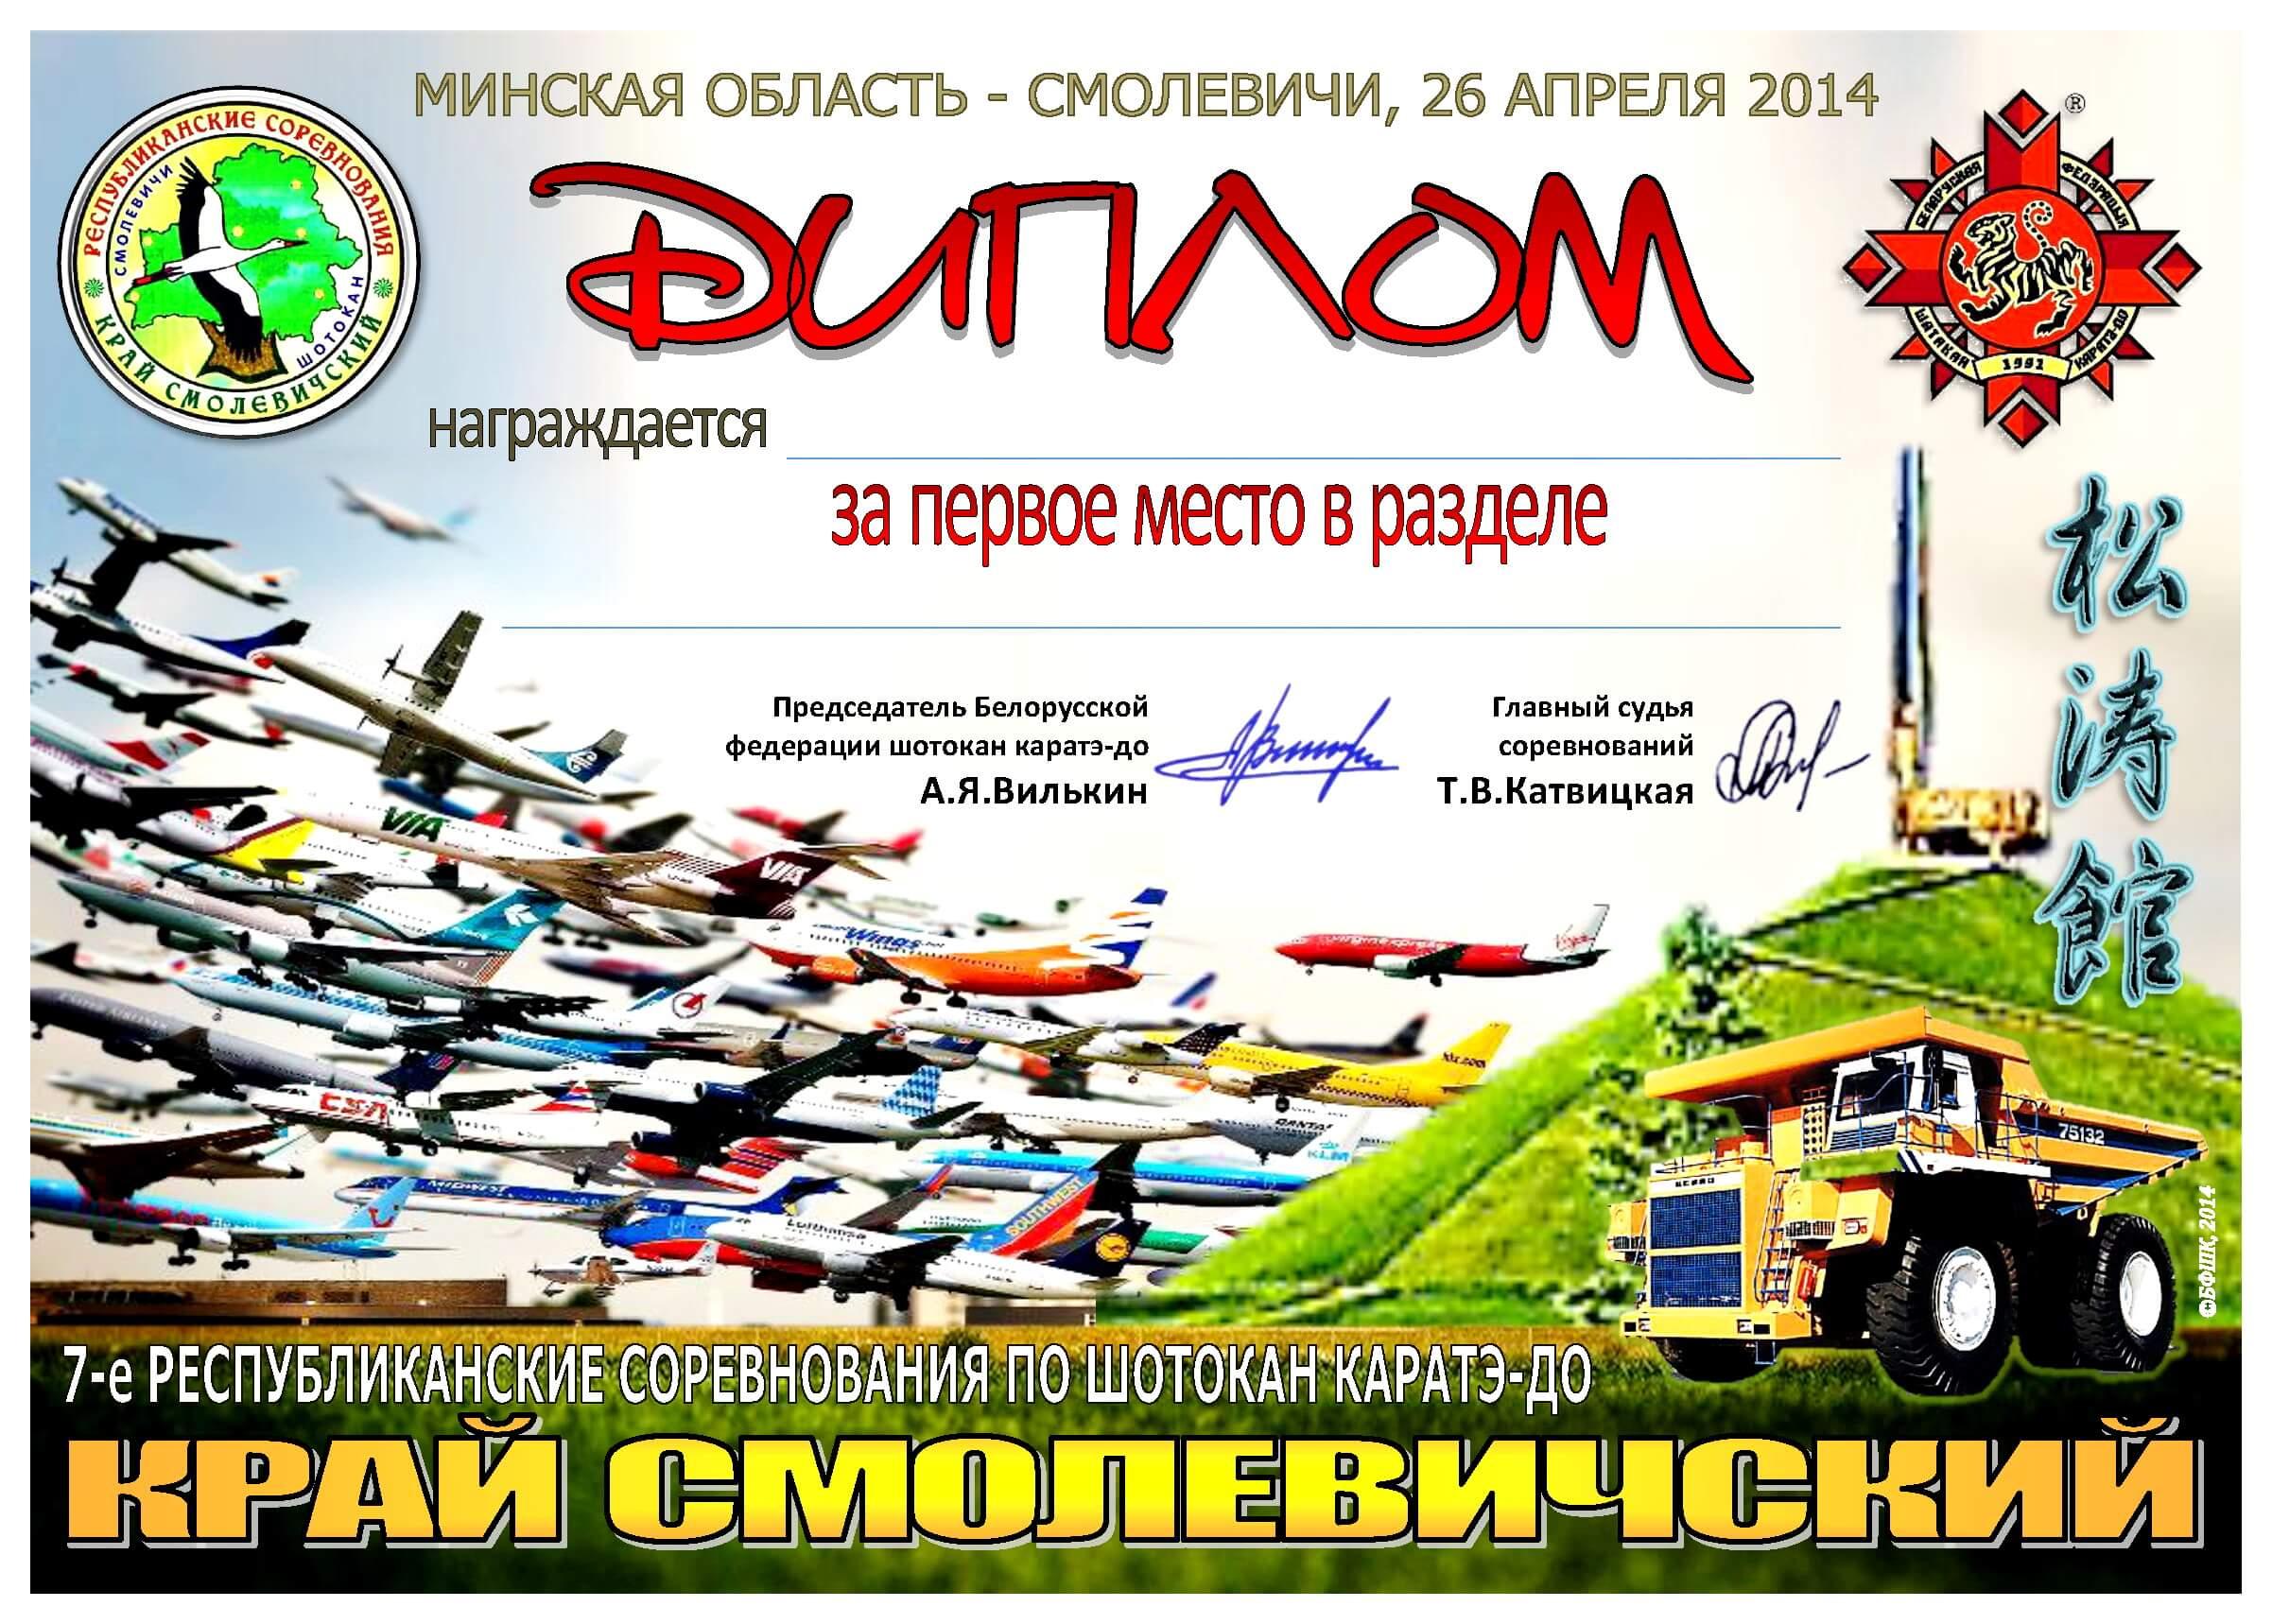 Смолевичи-2014 Диплом 1м